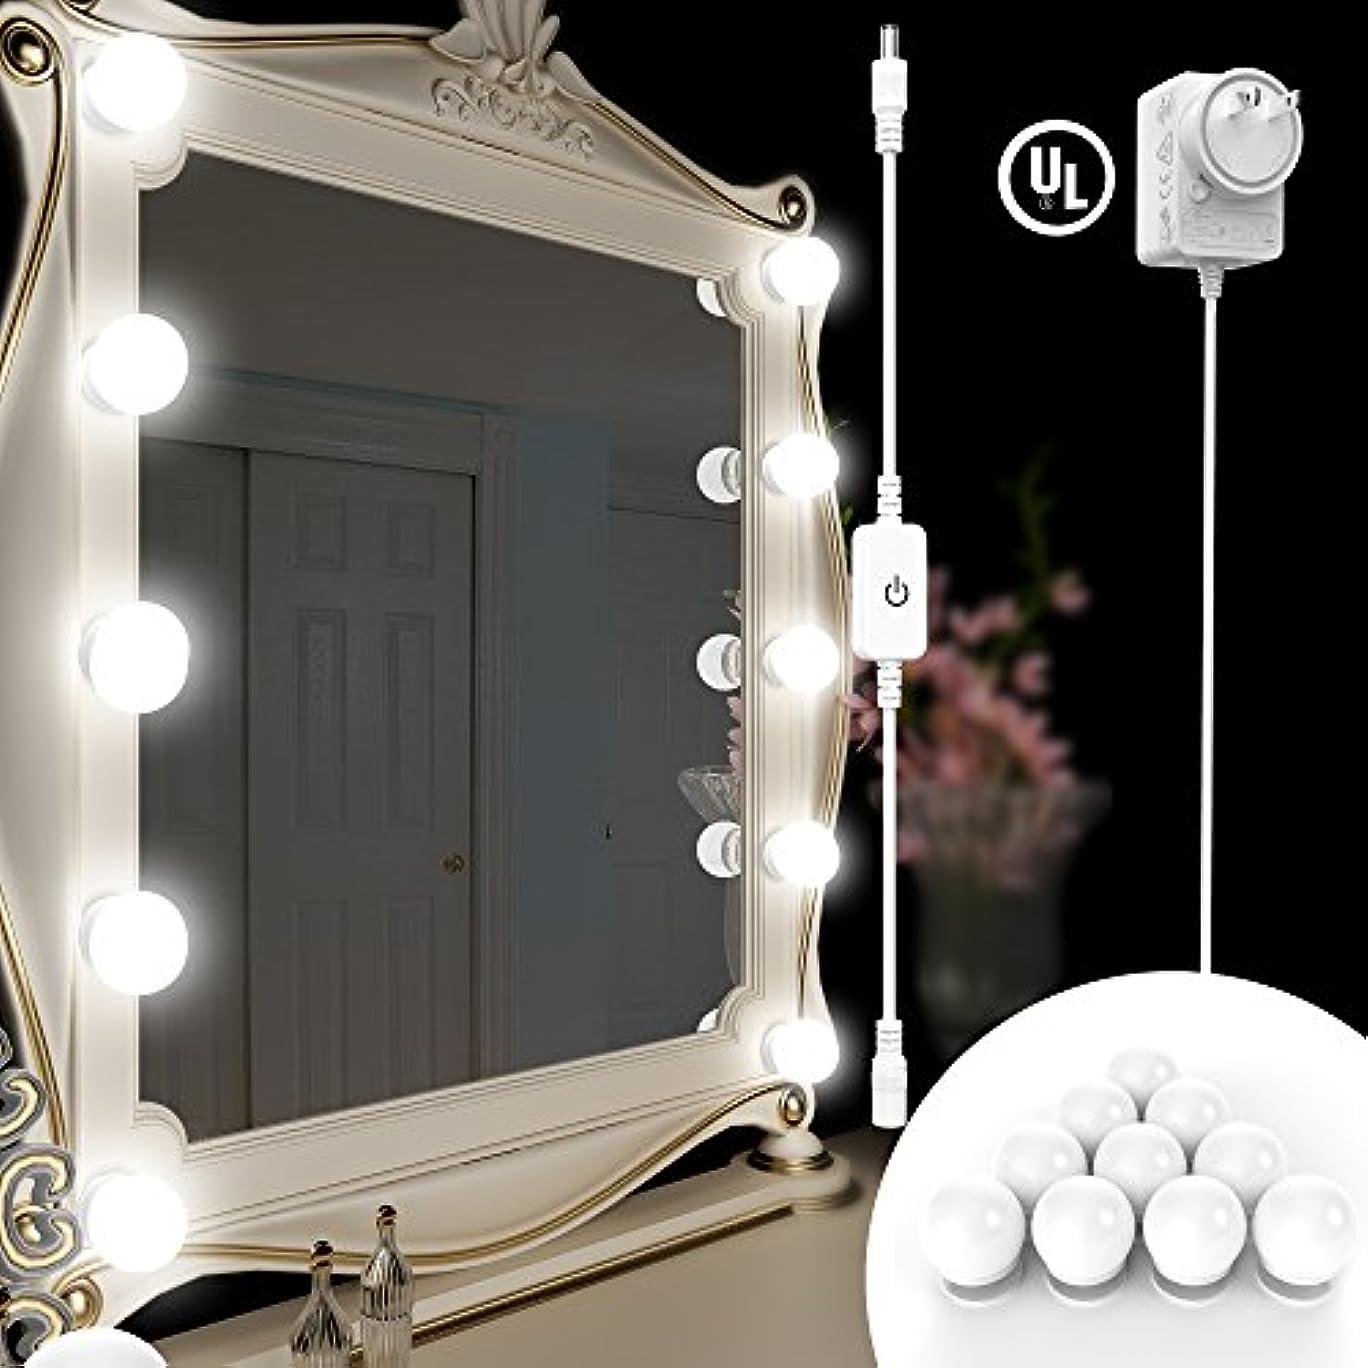 有力者政治家の星BlueFire DIY 化粧鏡 LEDライト 女優ミラーライト ハリウッドライト ドレッサーライト 10個LED電球 明るさ調節可能 全長3.6M 隠し配線 メイクアップミラーライト バニティミラーライトキット